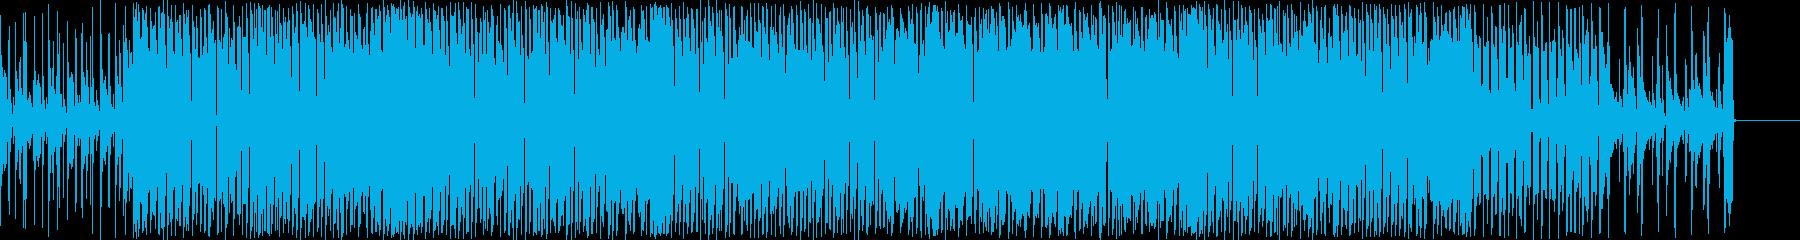 オシャレなコードが印象的なポップスの再生済みの波形